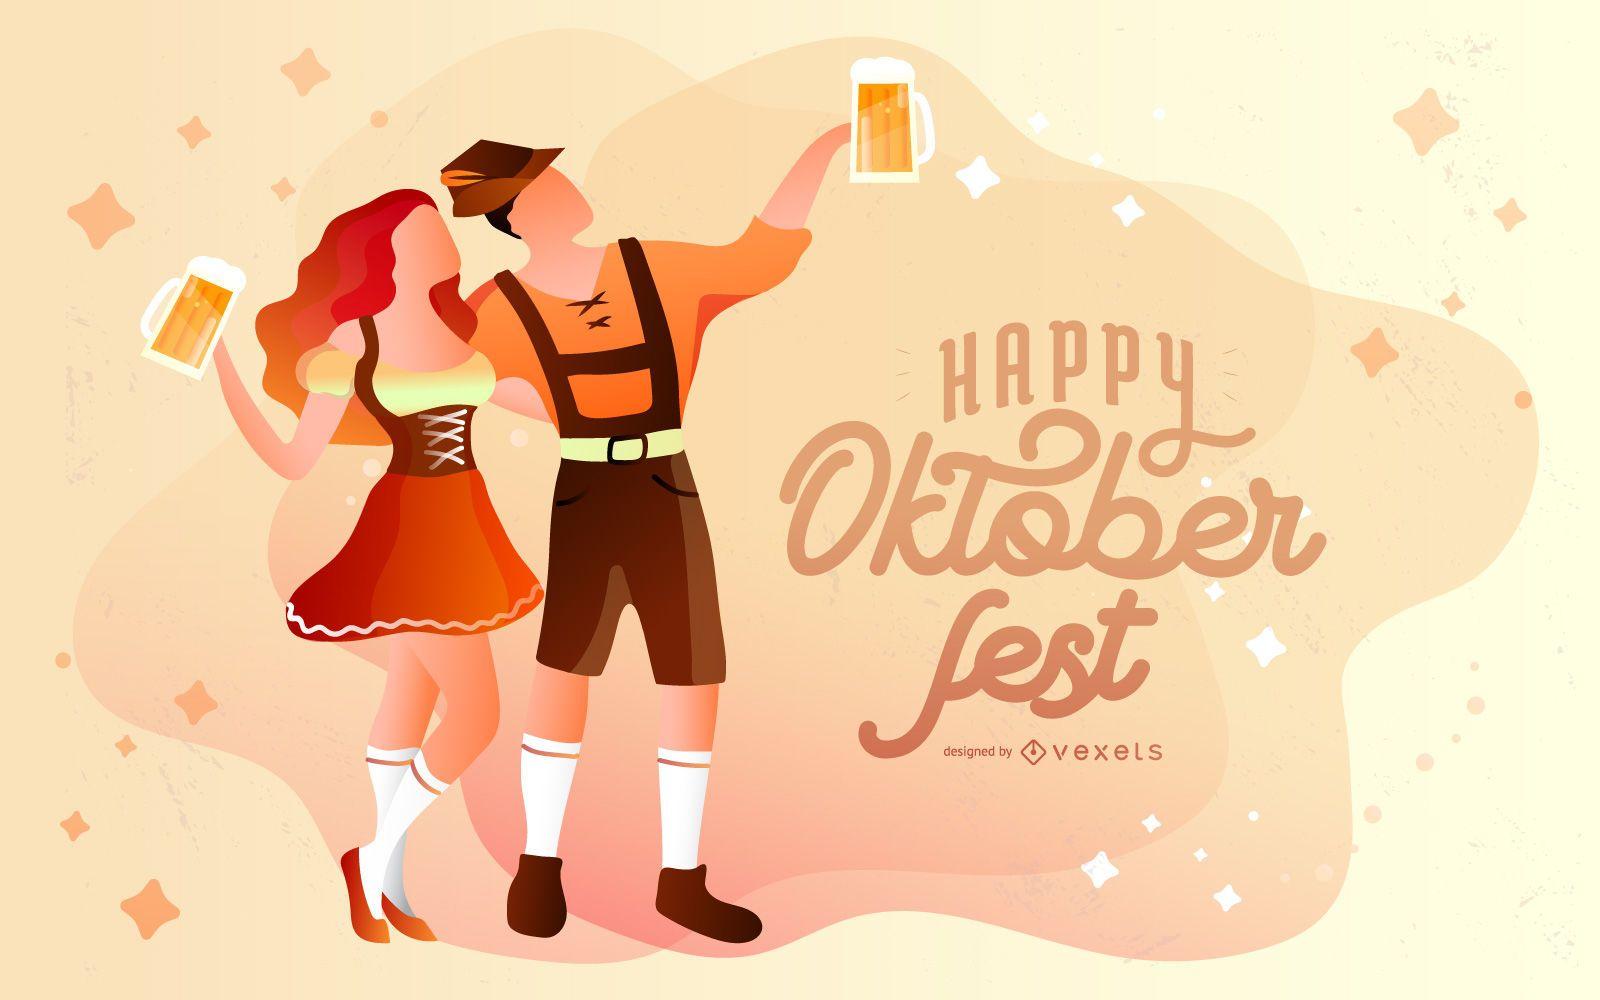 Ilustraci?n de feliz oktoberfest